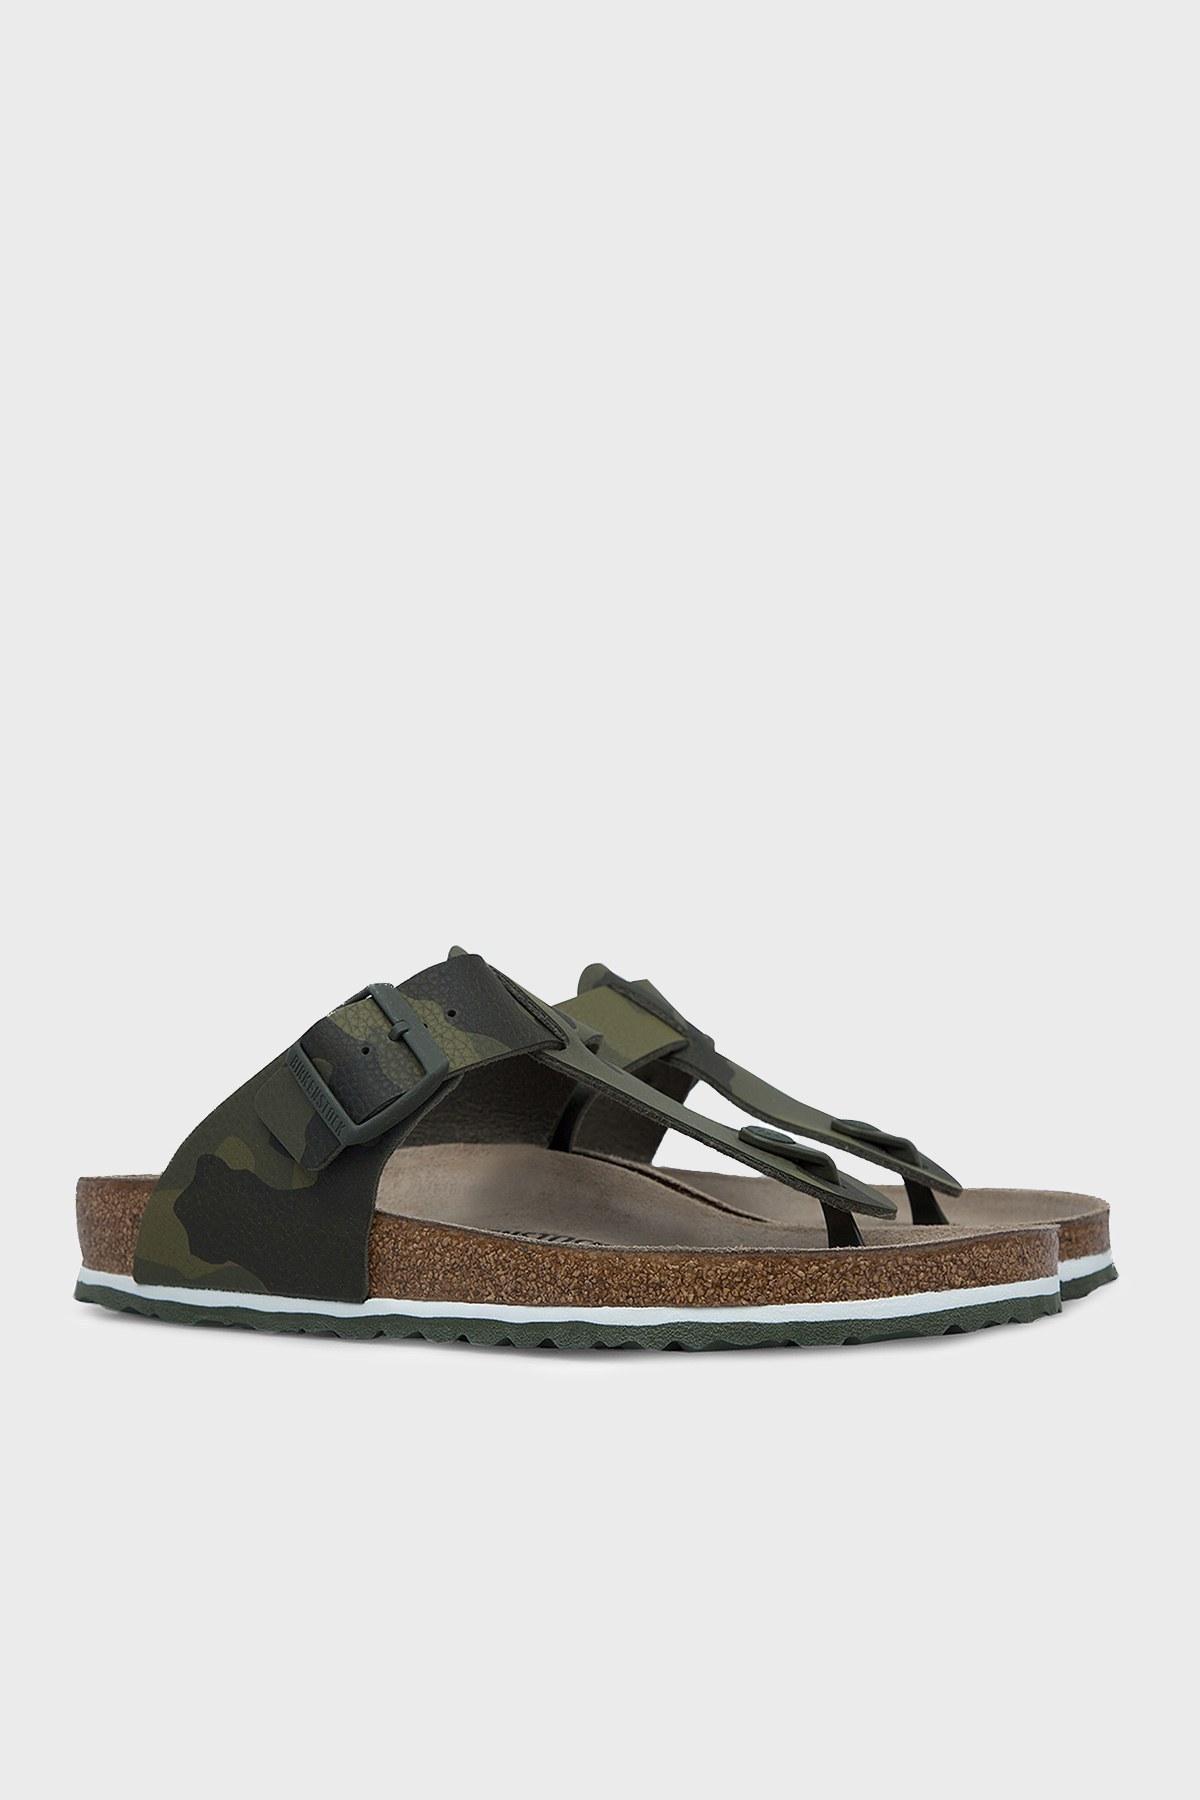 Birkenstock Medina Bf Erkek Sandalet 1015516 HAKİ KAMUFLAJ